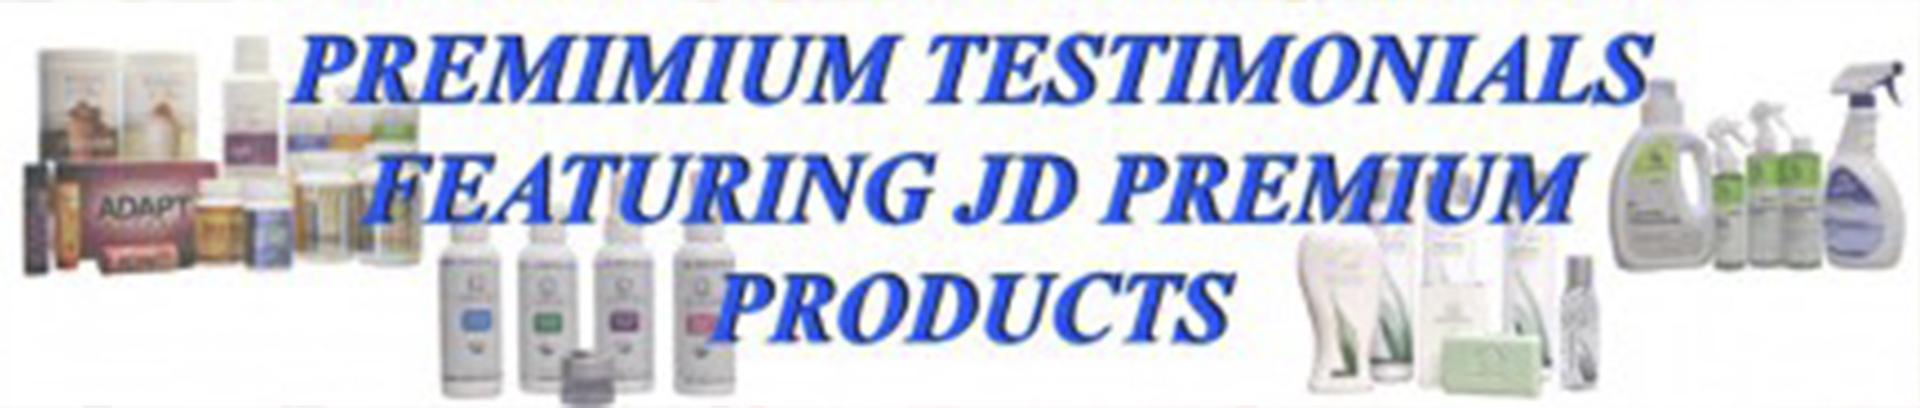 jd-premiun.jpg